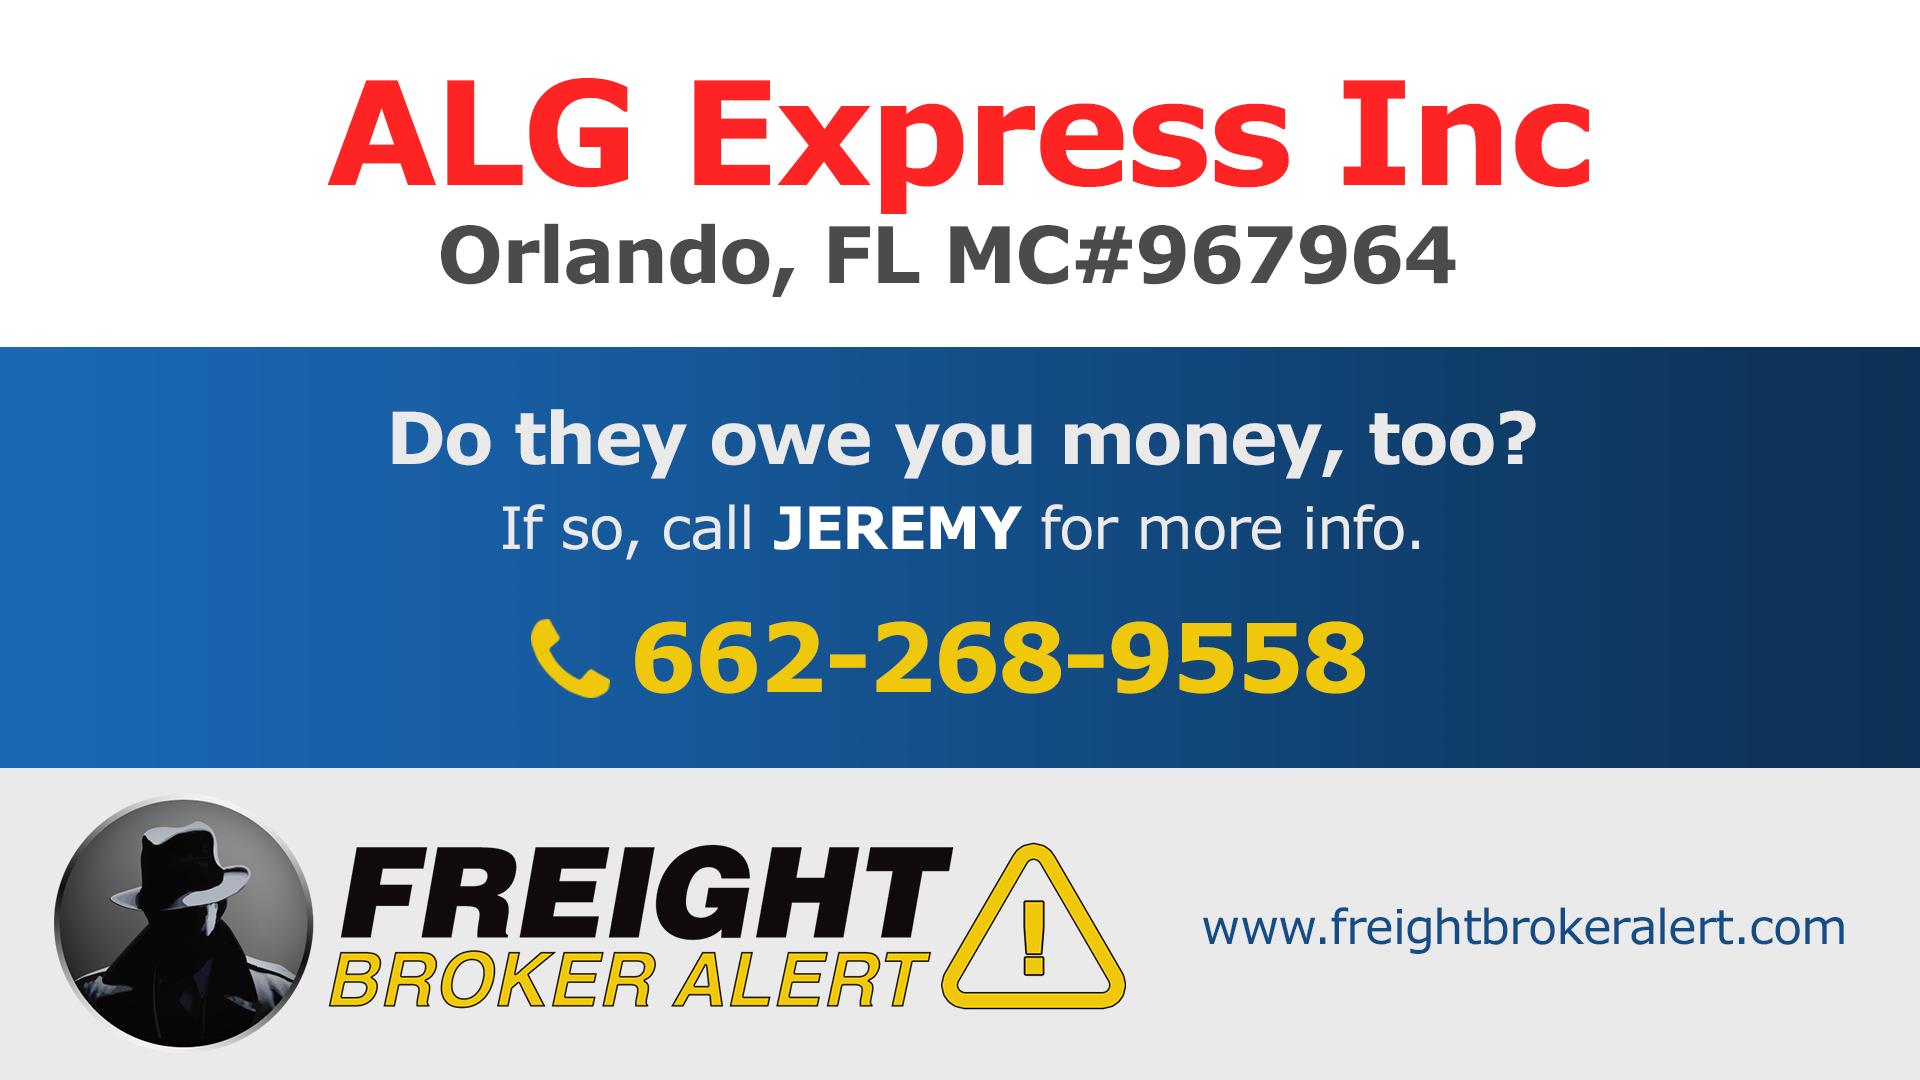 ALG Express Inc Florida